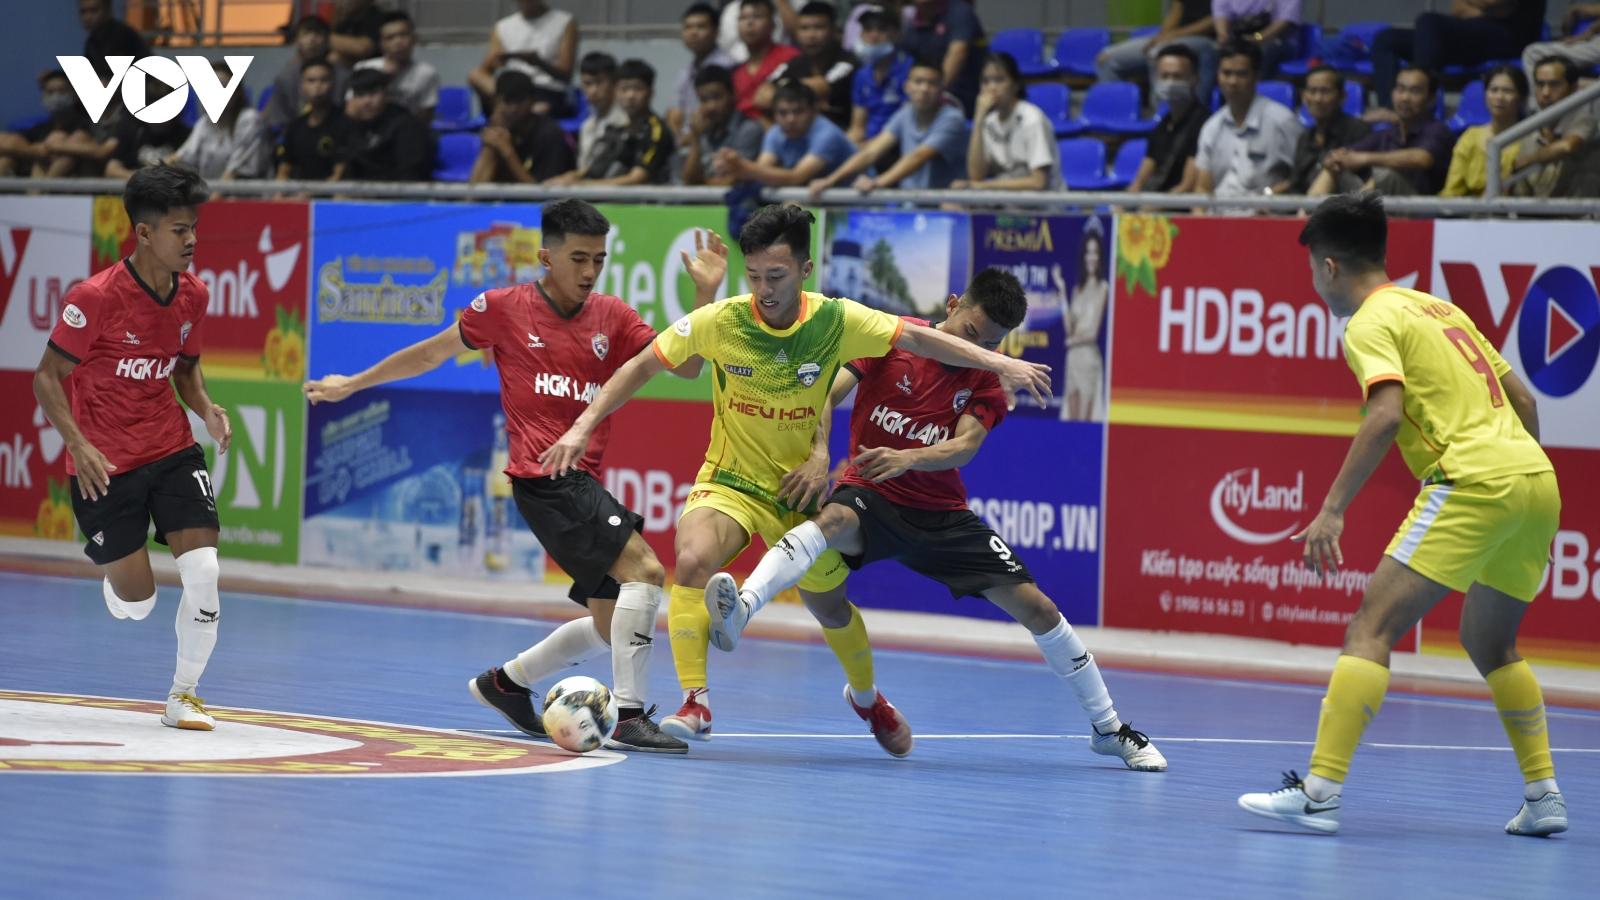 Lịch thi đấu Giải Futsal HDBank VĐQG 2021 hôm nay 23/4